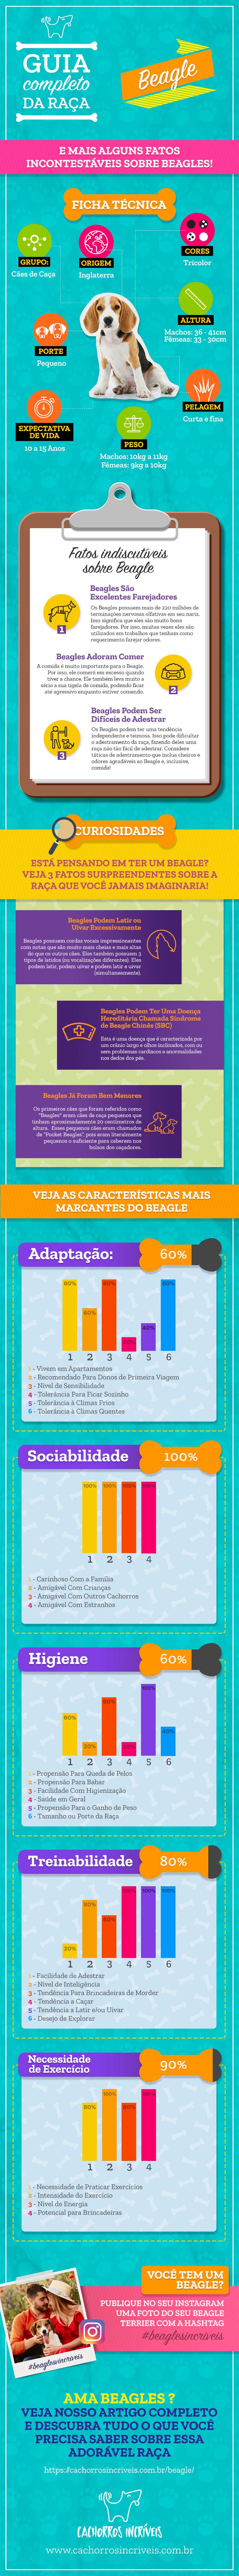 infográfico beagle